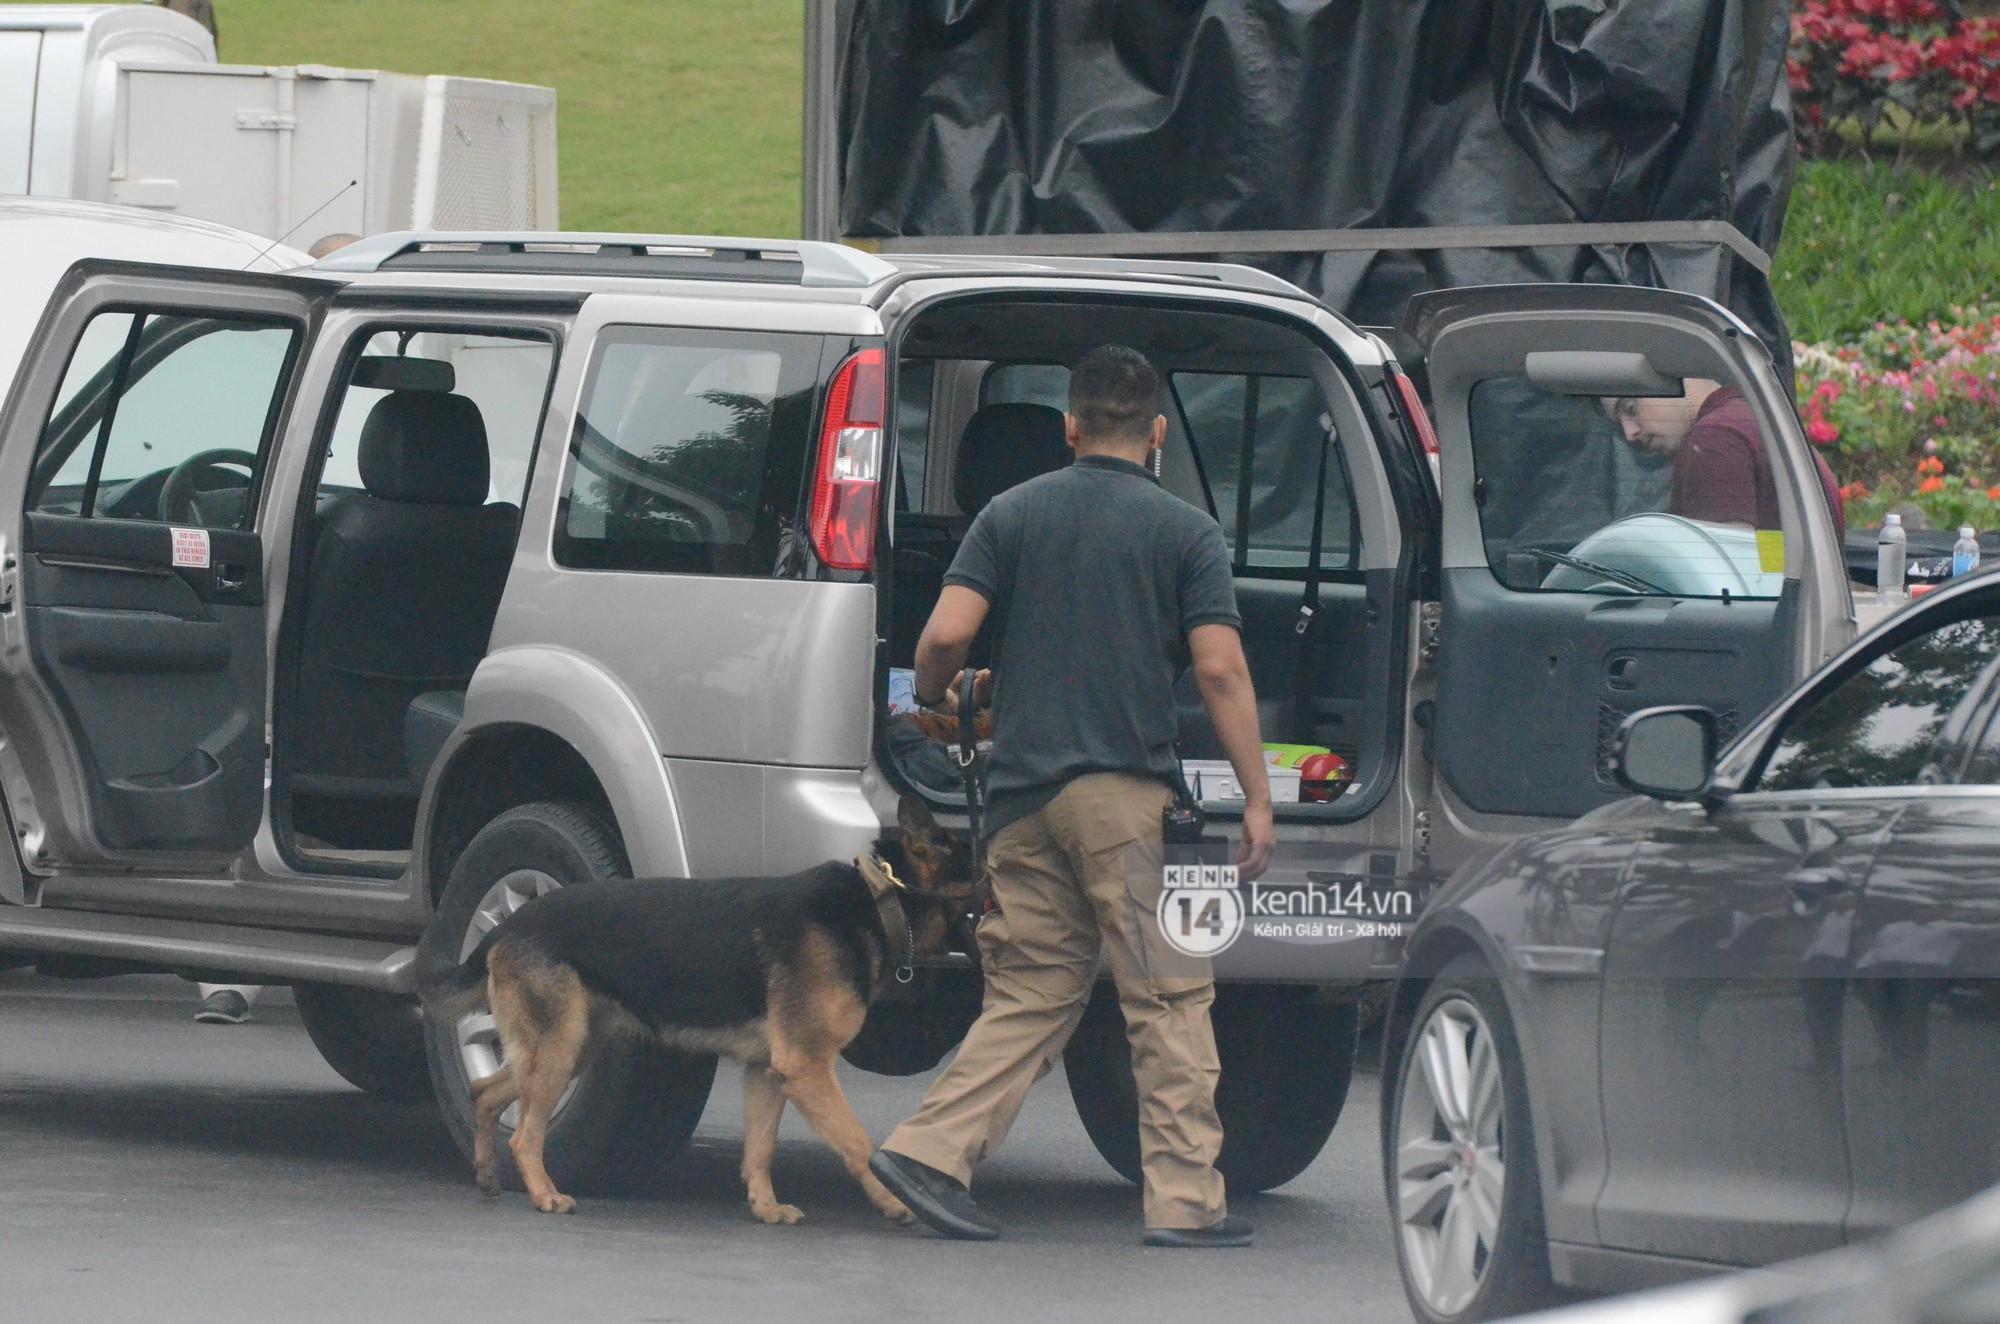 An ninh tại khách sạn Marriott được thắt chặt, TT Trump chuẩn bị lên đường gặp gỡ Tổng bí thư, Chủ tịch nước Nguyễn Phú Trọng - Ảnh 6.